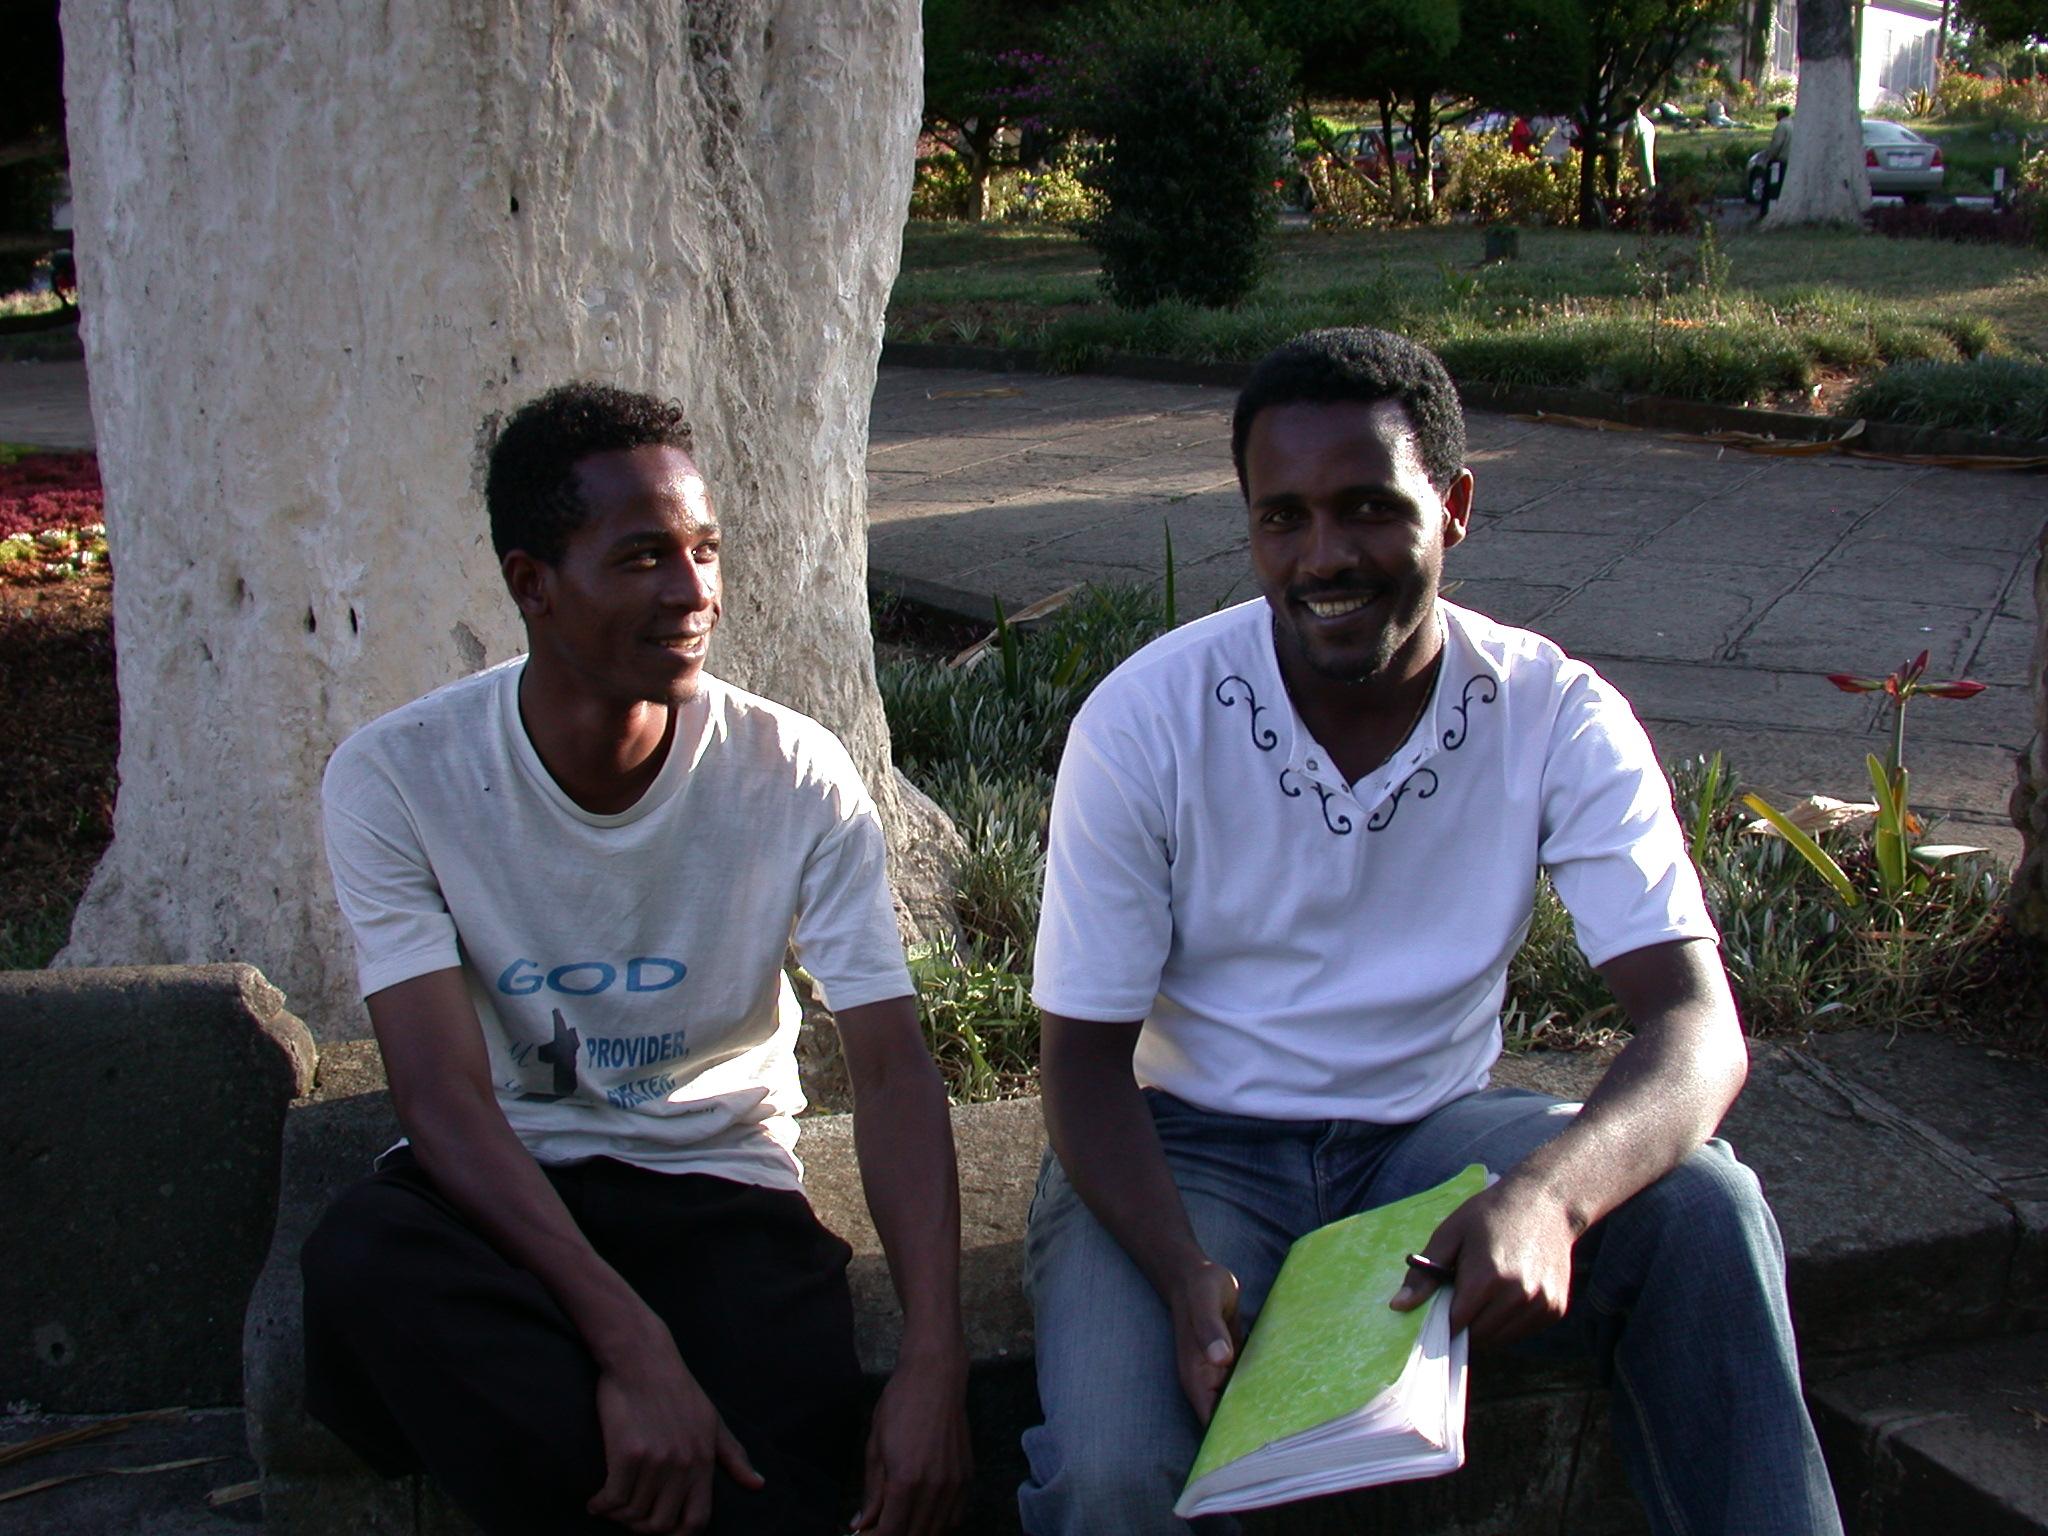 Students at Addis Ababa University, Addis Ababa, Ethiopia